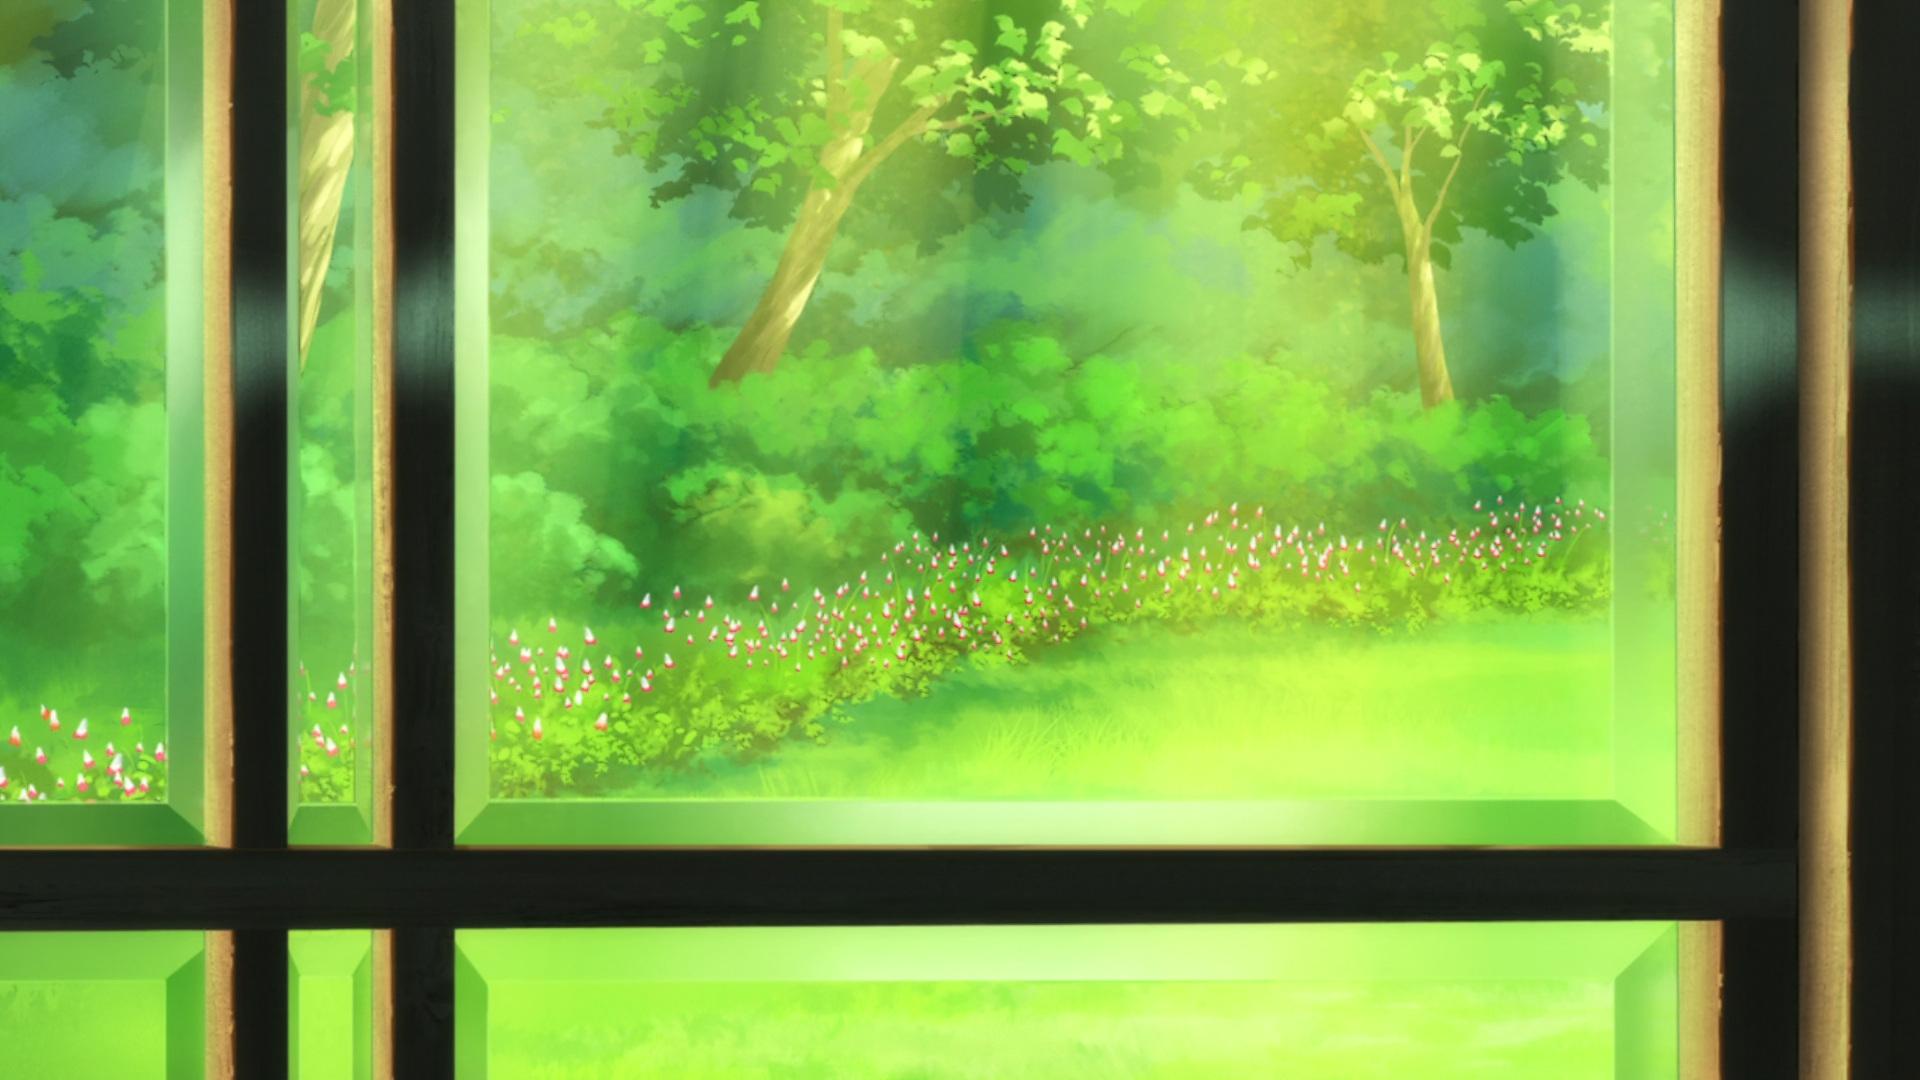 Irozuku sekai no ashita kara episodio 7 legendado - 4 8